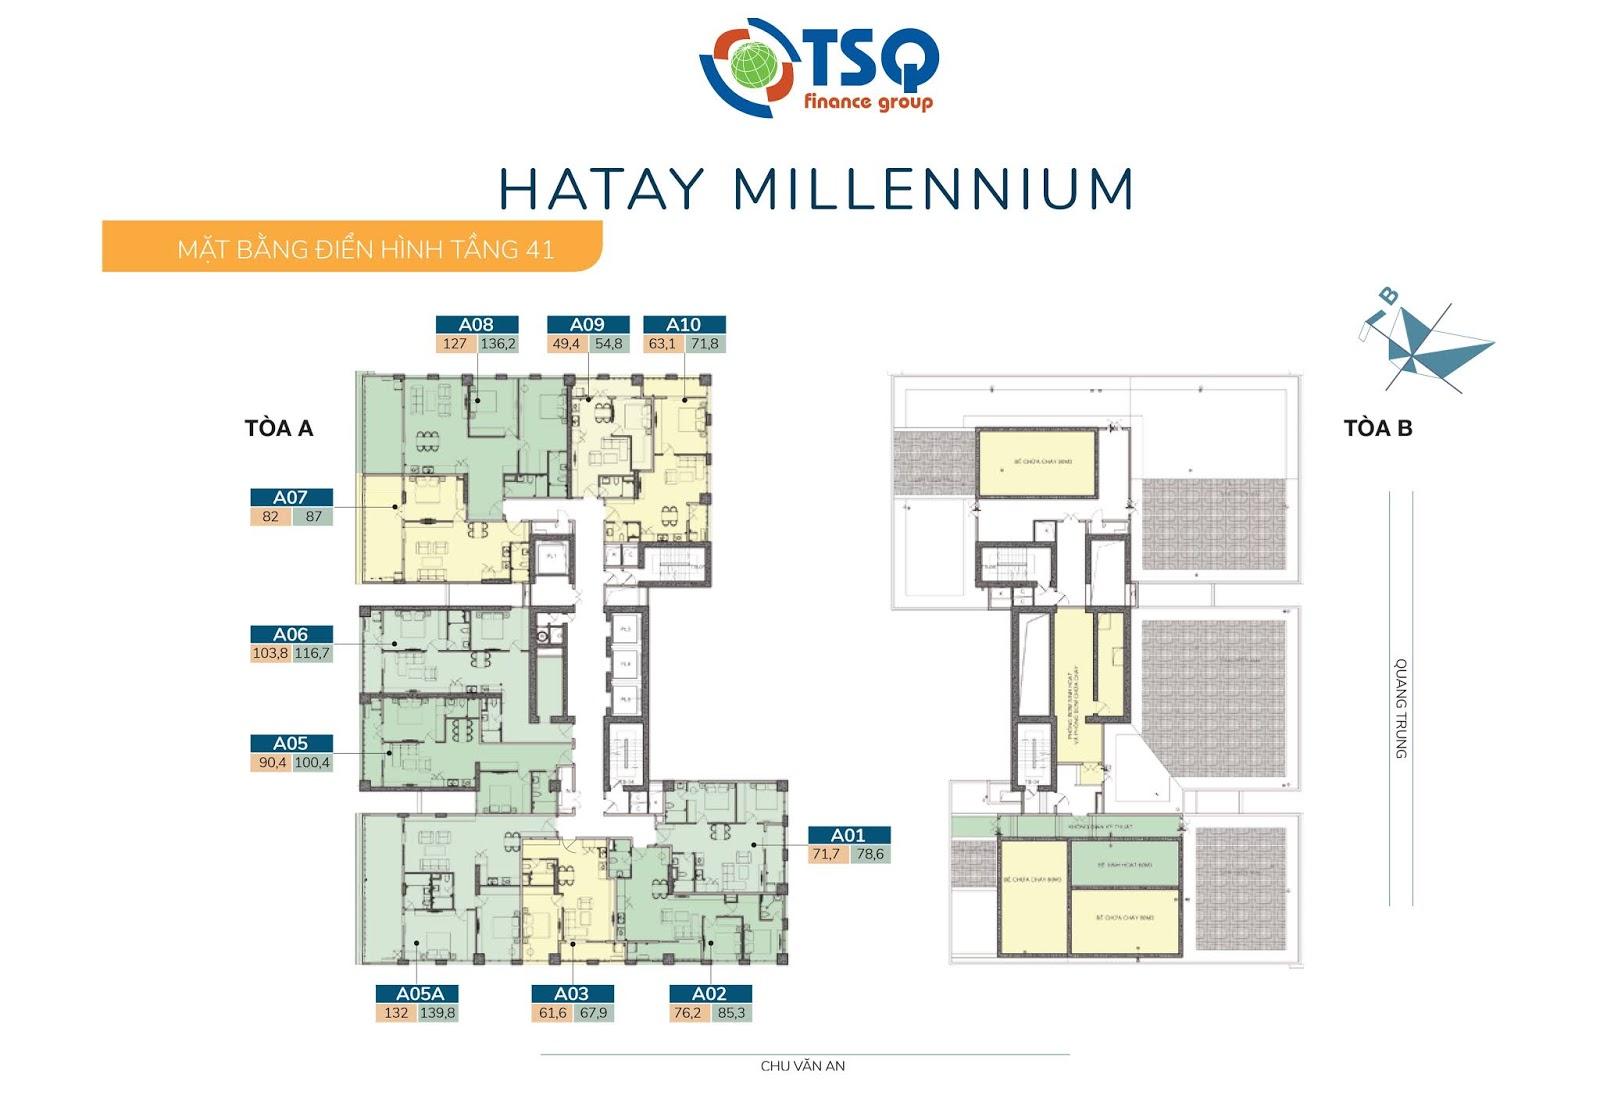 Mặt bằng thiết kế Hatay Millennium tầng 41